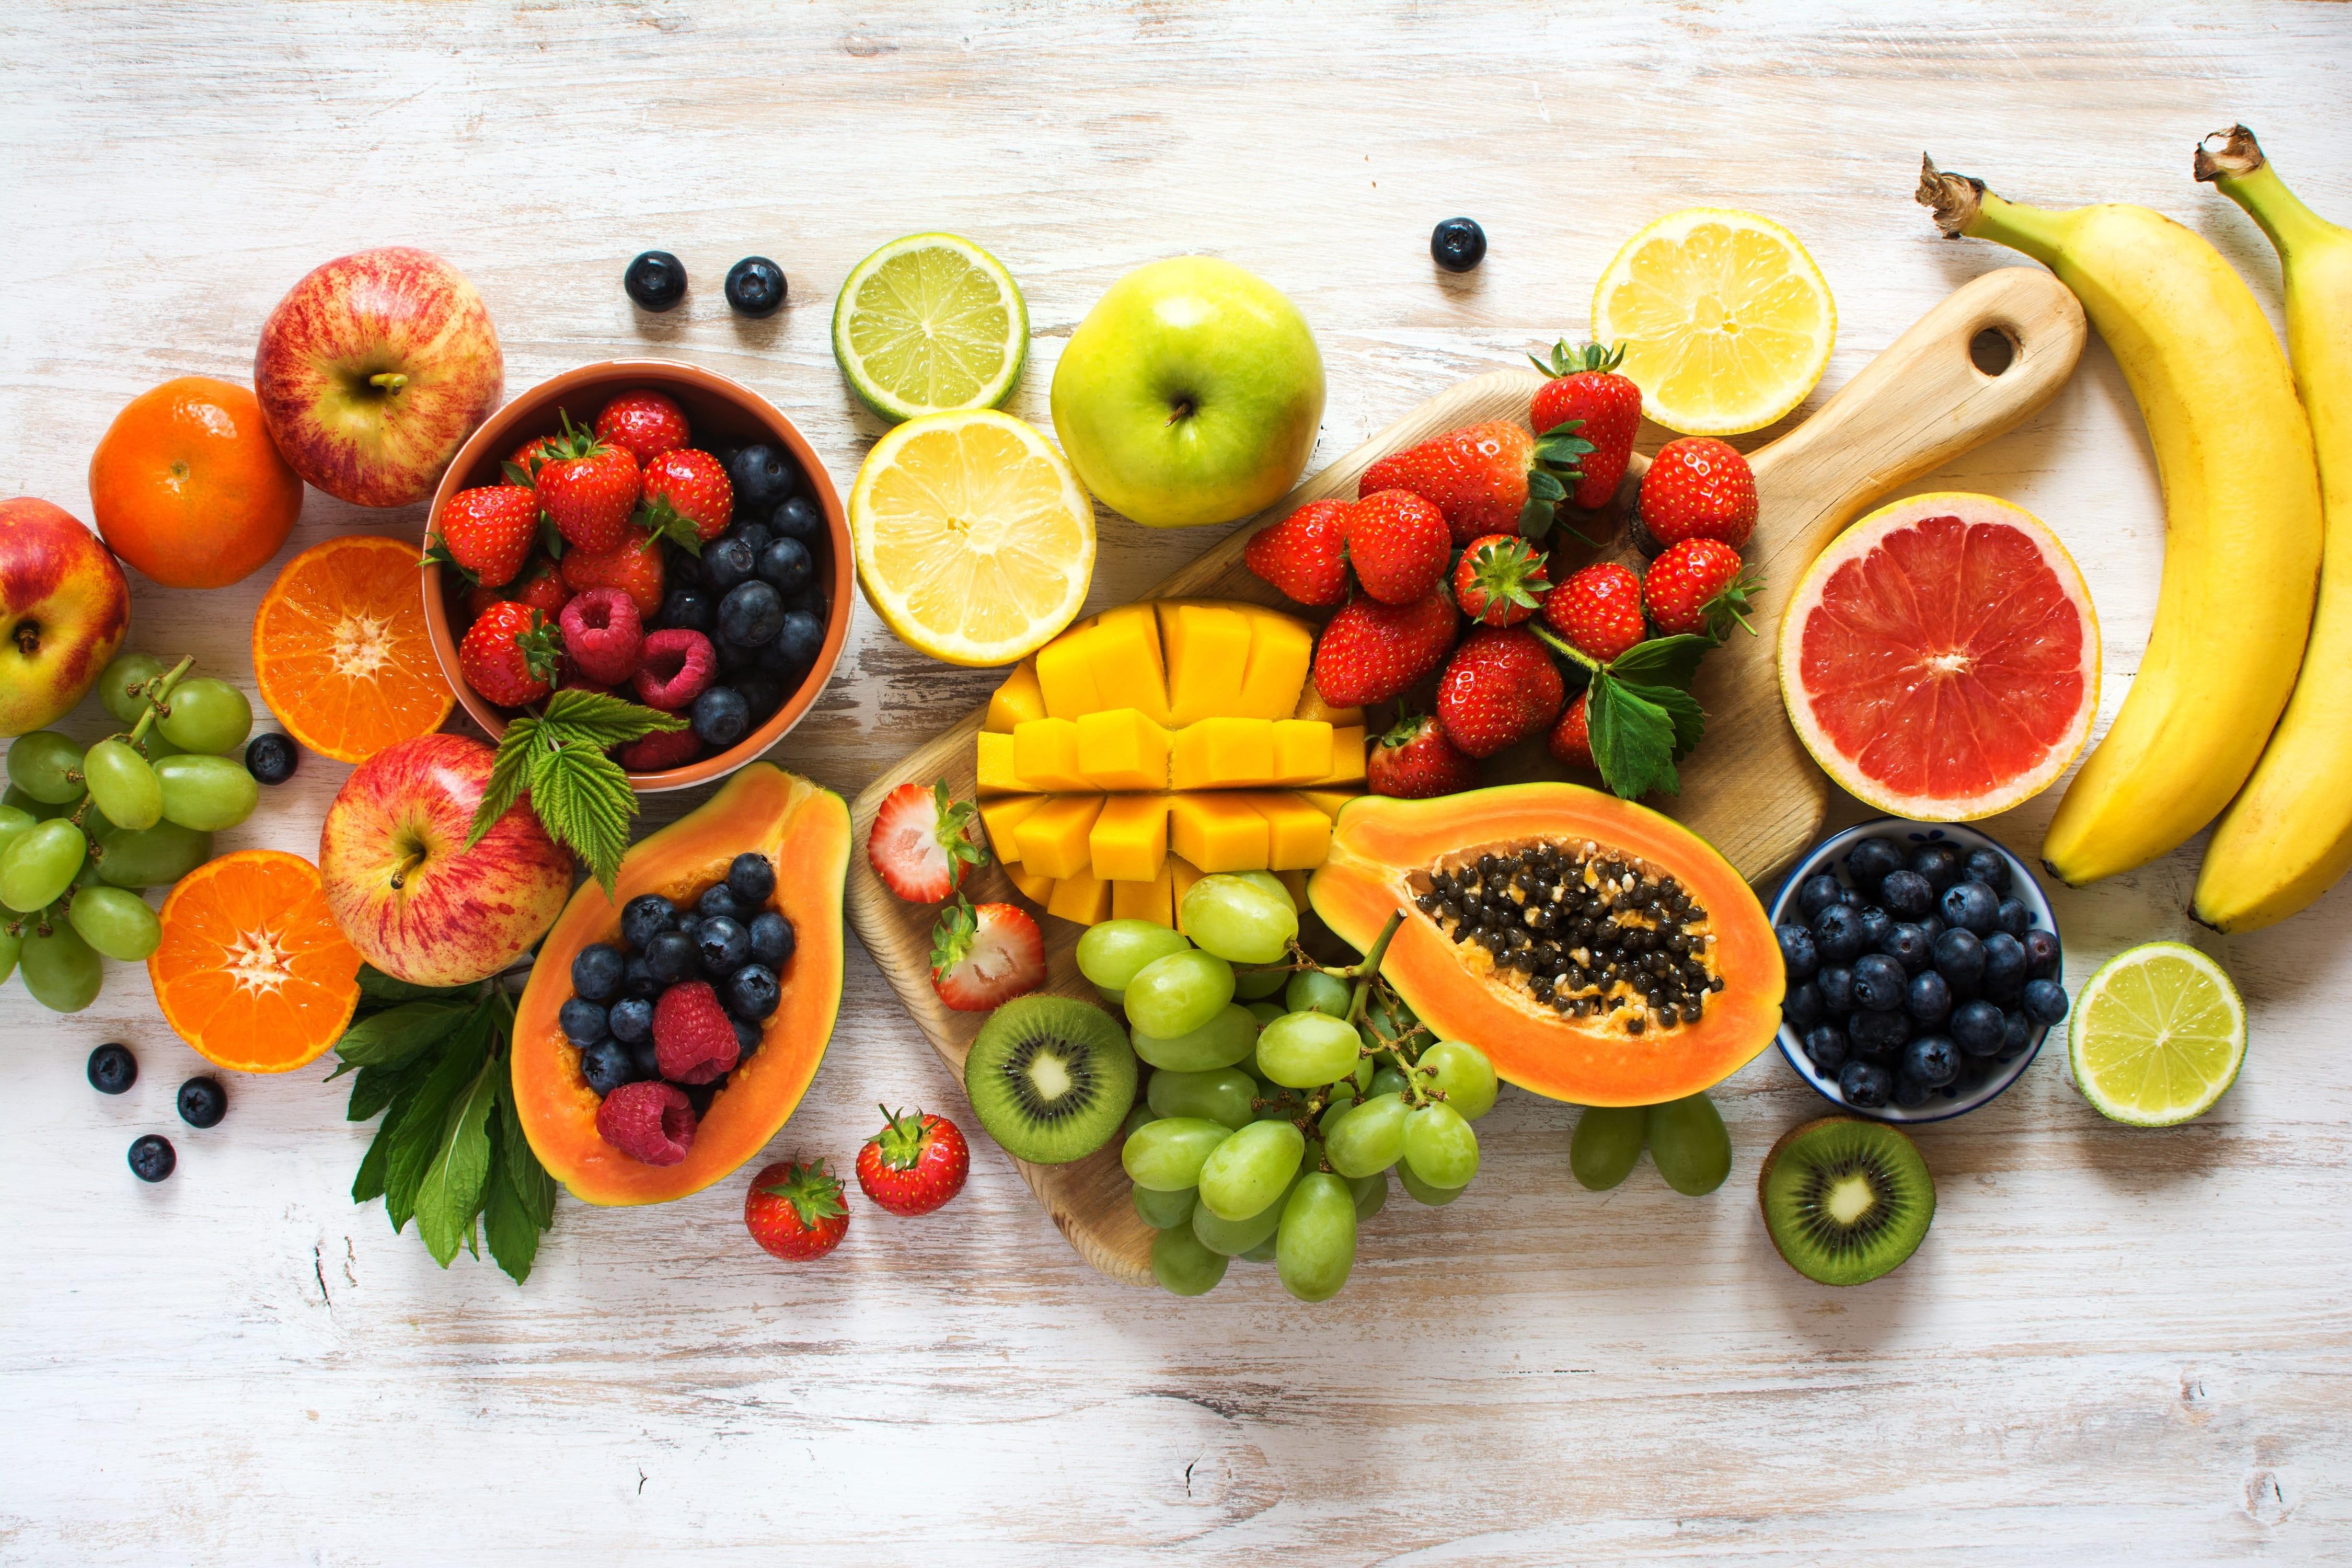 Hangi ayda, hangi meyve tüketilmeli | Mevsimlere göre meyveler